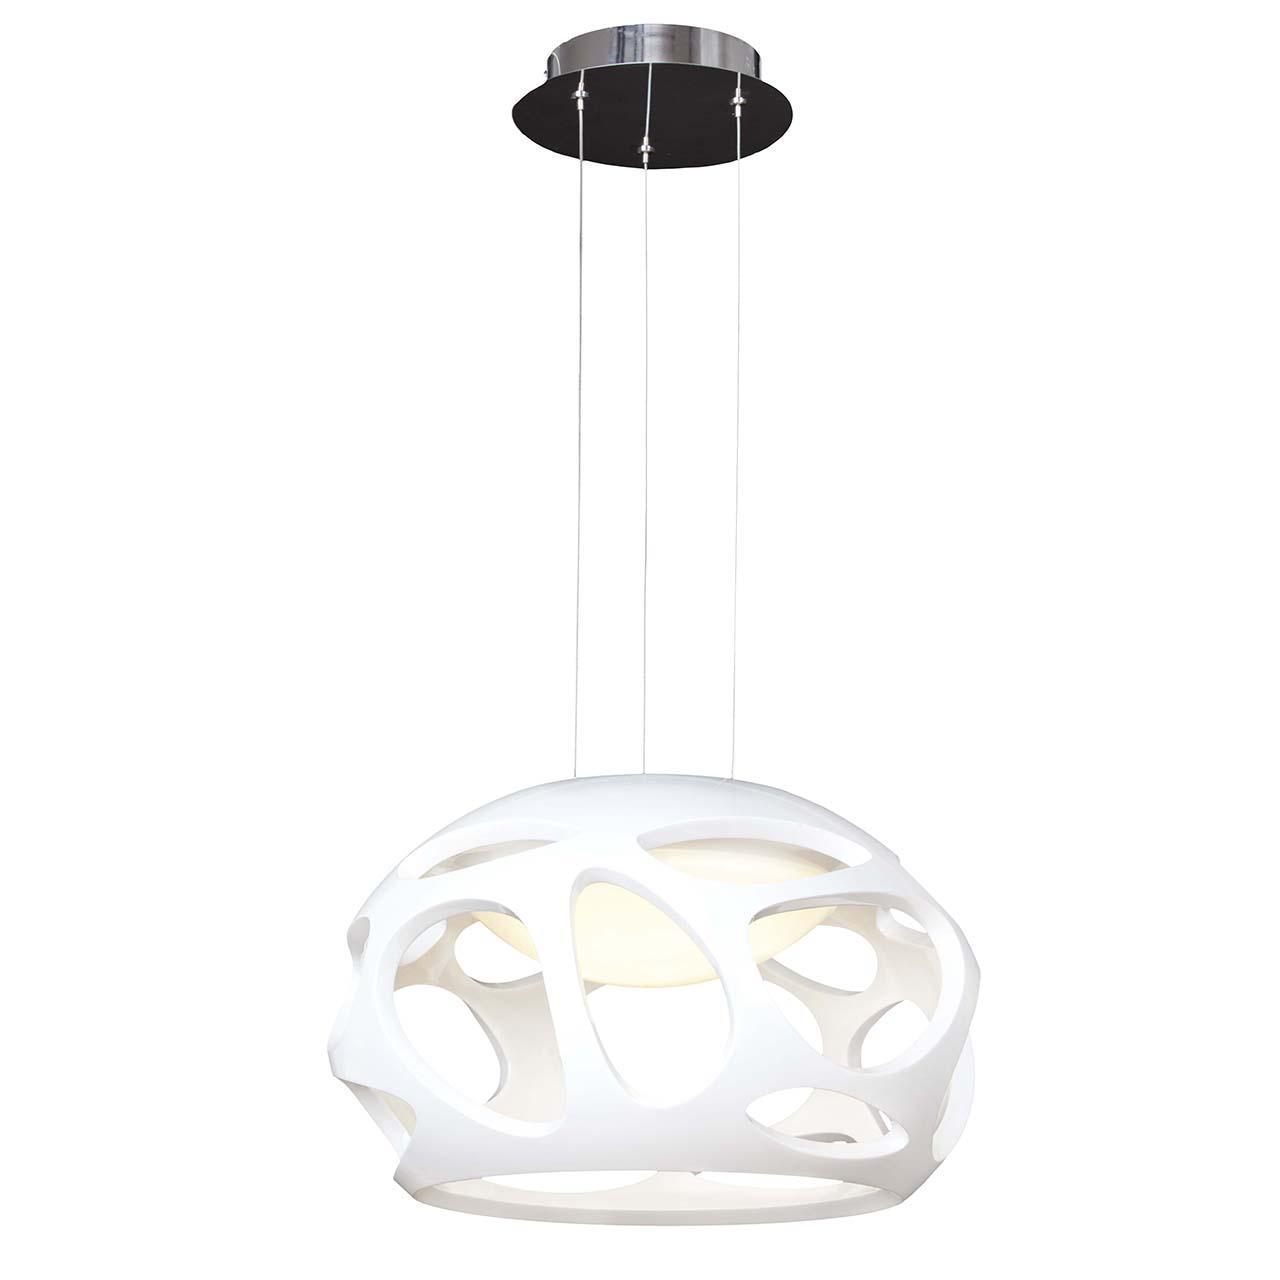 Подвесной светильник Mantra Organica 5141 подвесной светильник mantra organica 5145